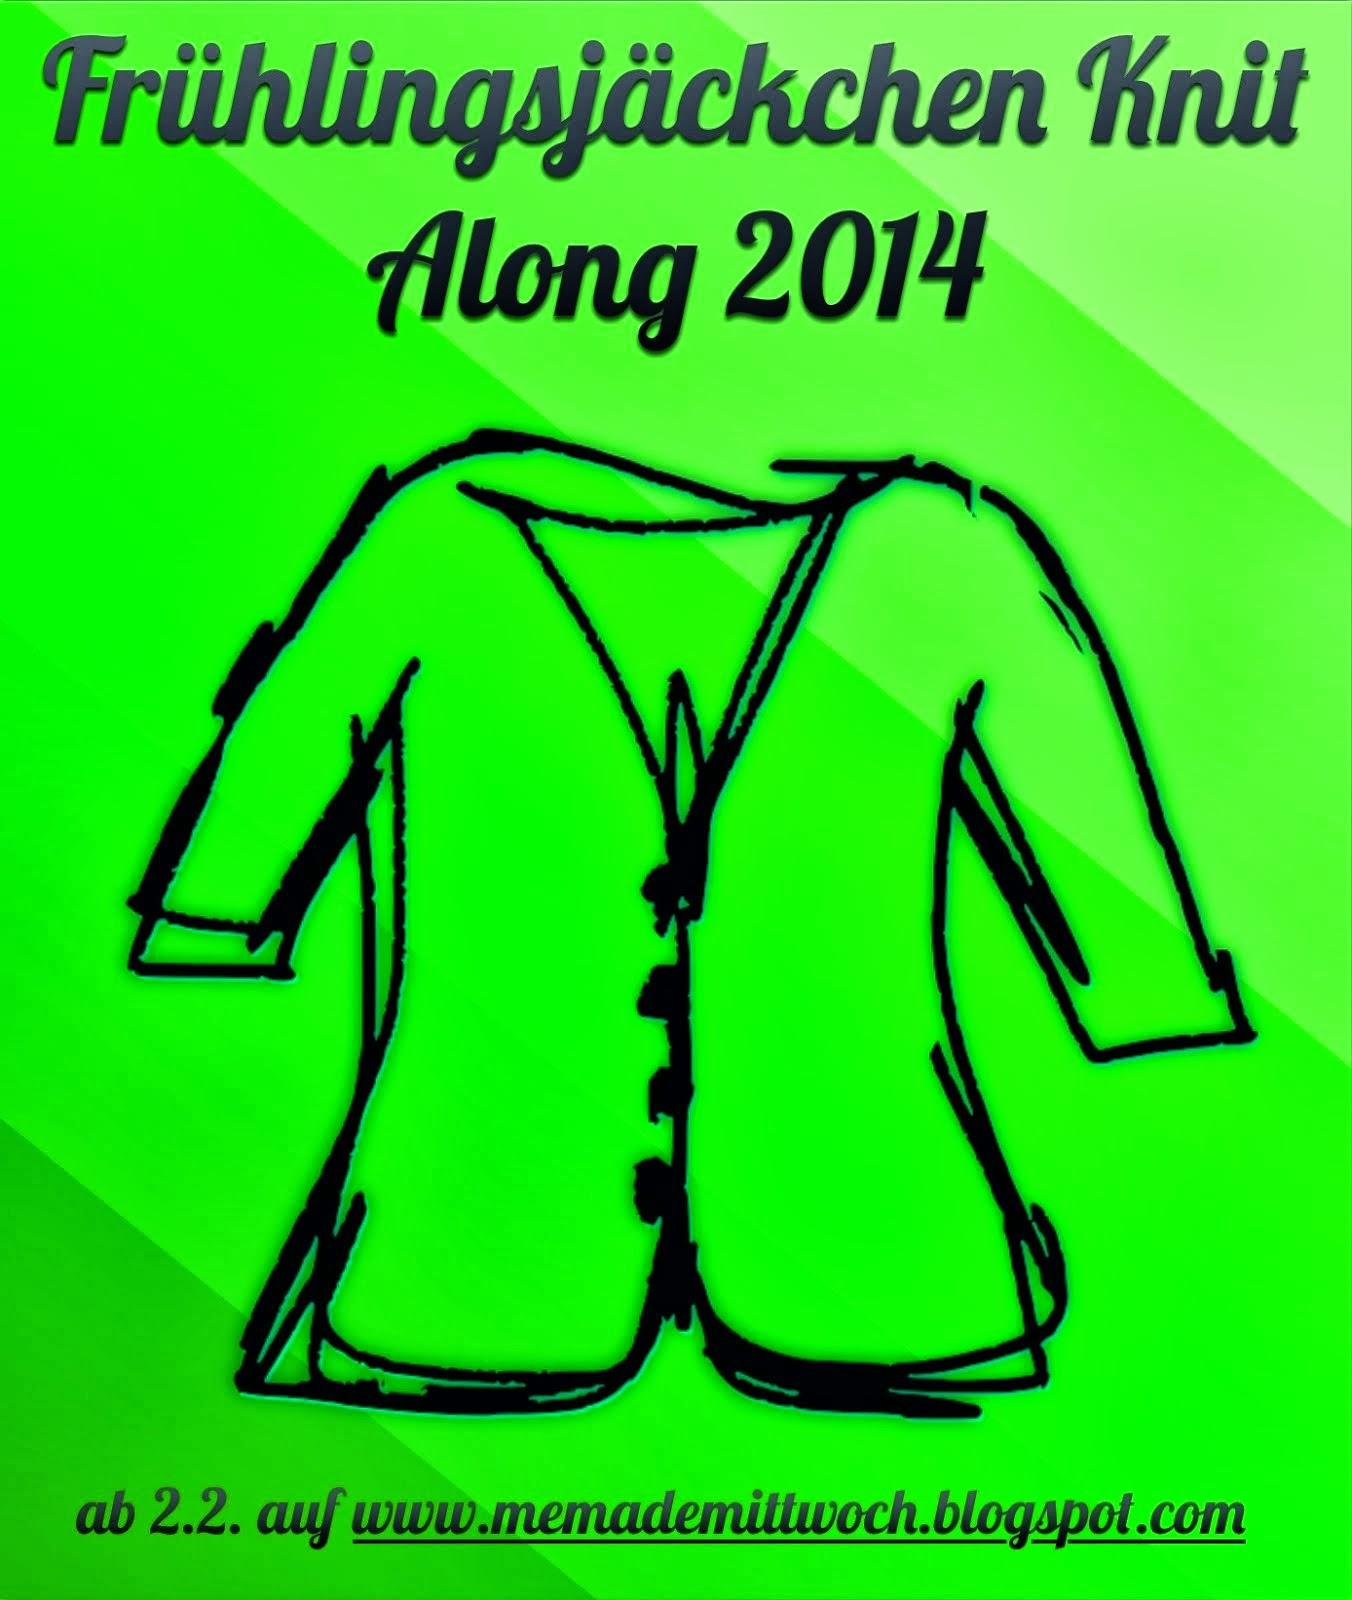 Frühlingsjäckchen Knit-Along 2014